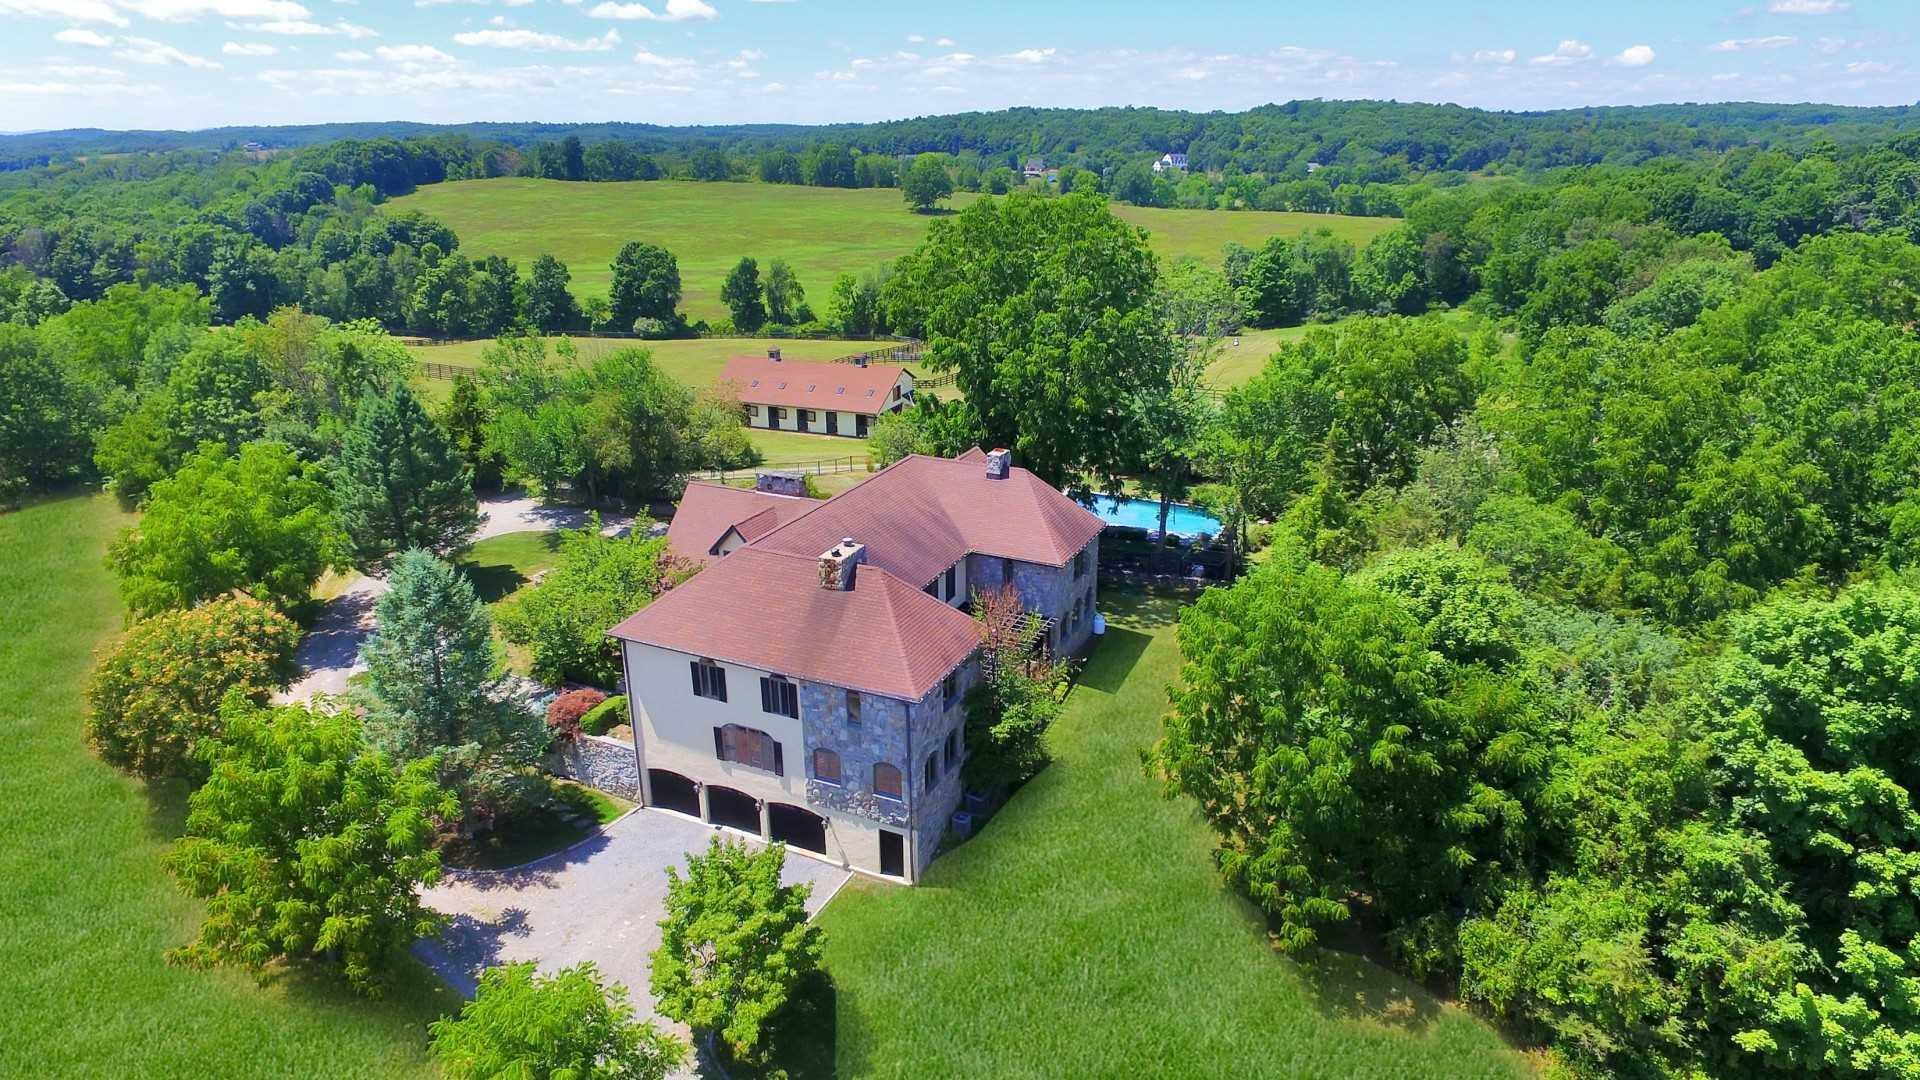 Single Family Home for Sale at 2851 SALT POINT TPKE 2851 SALT POINT TPKE Stanfordville, New York 12514 United States